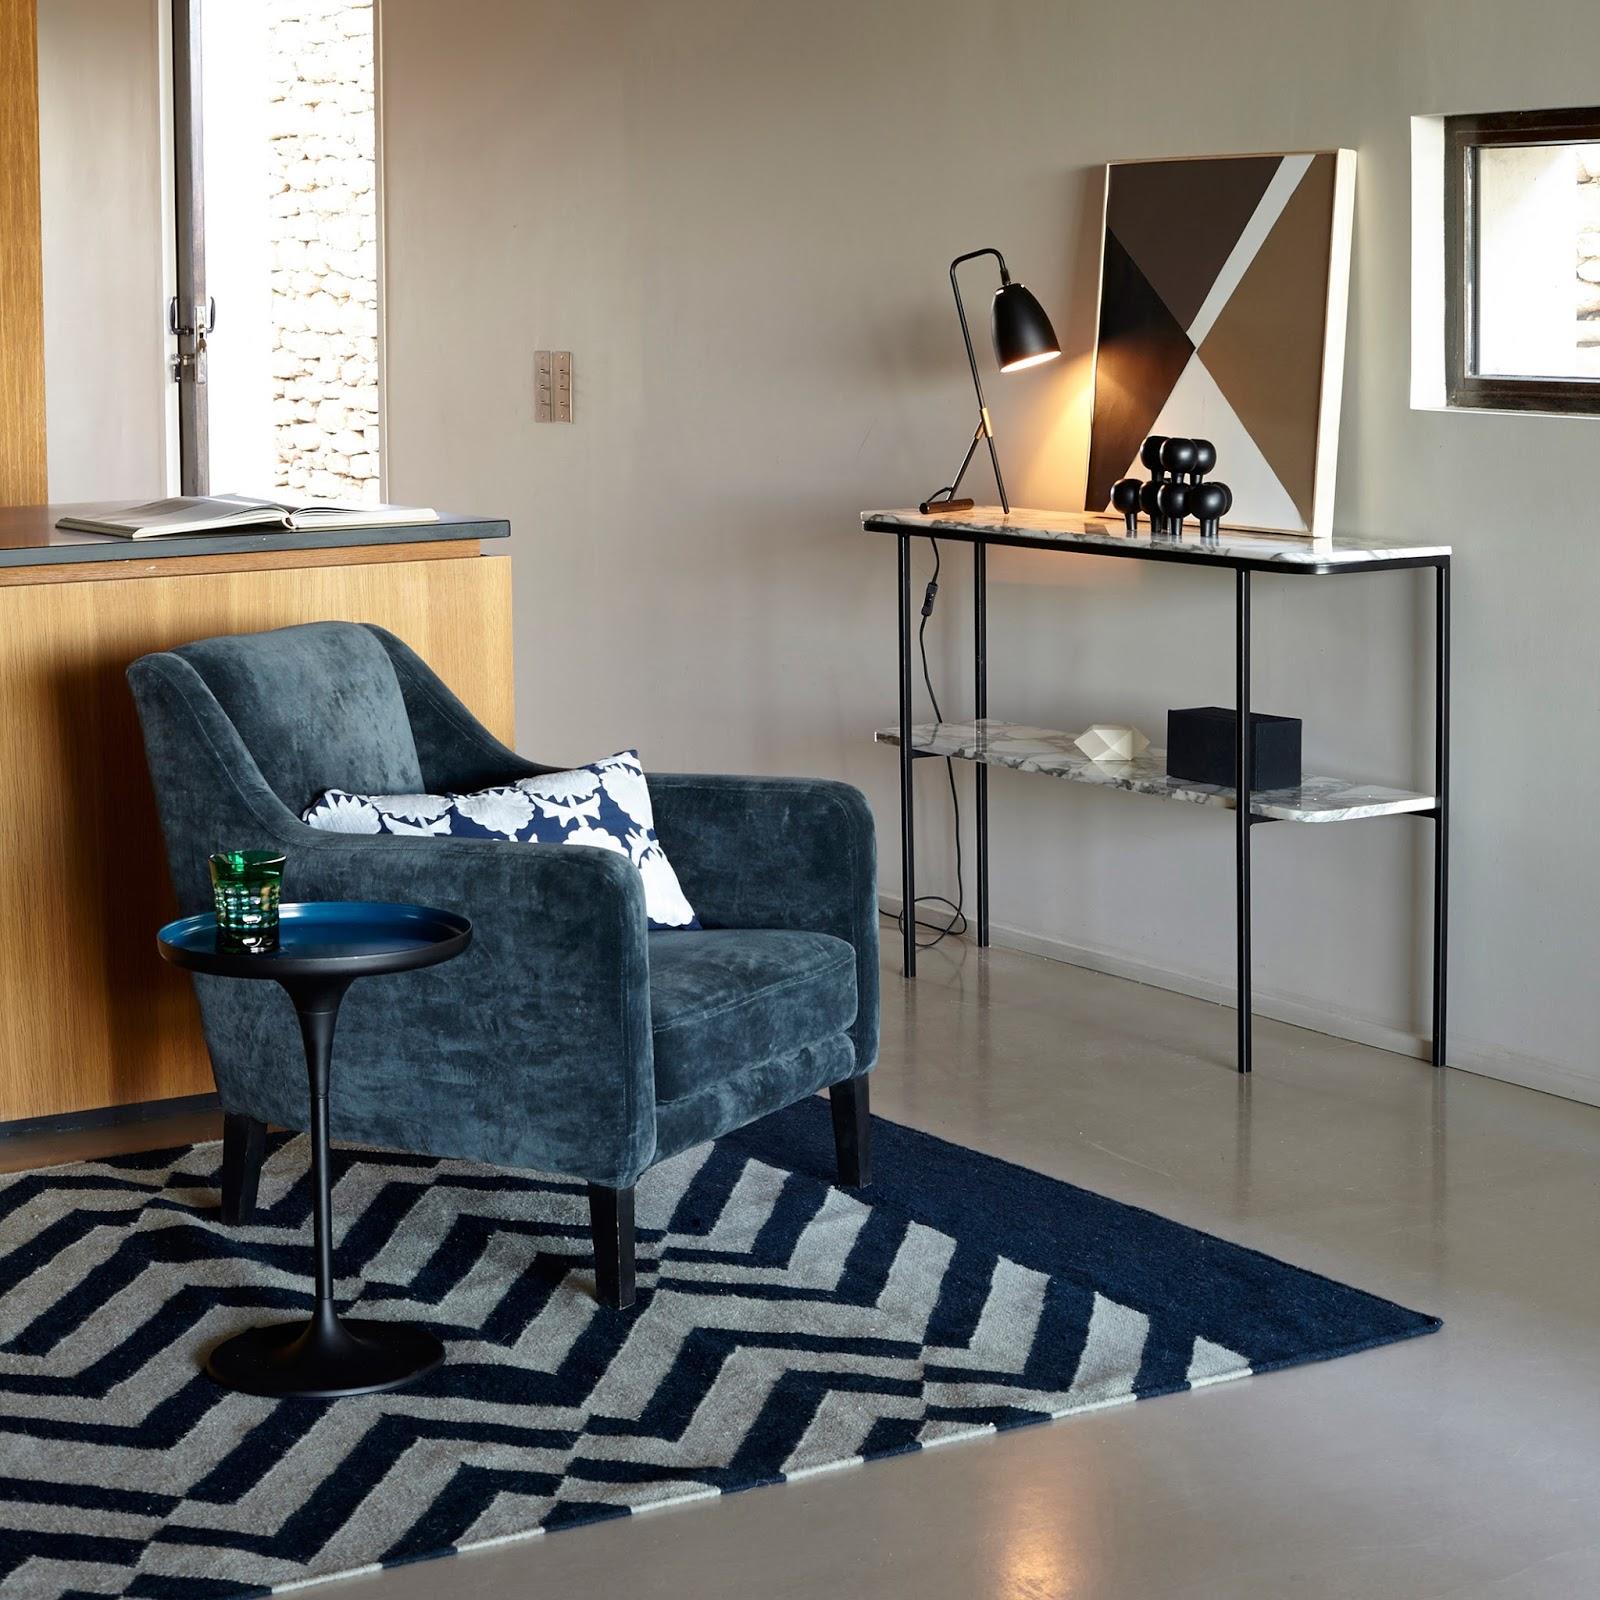 fauteuil franck ampm cool ampm fauteuil voir toutes les photos club rotin bristol with fauteuil. Black Bedroom Furniture Sets. Home Design Ideas